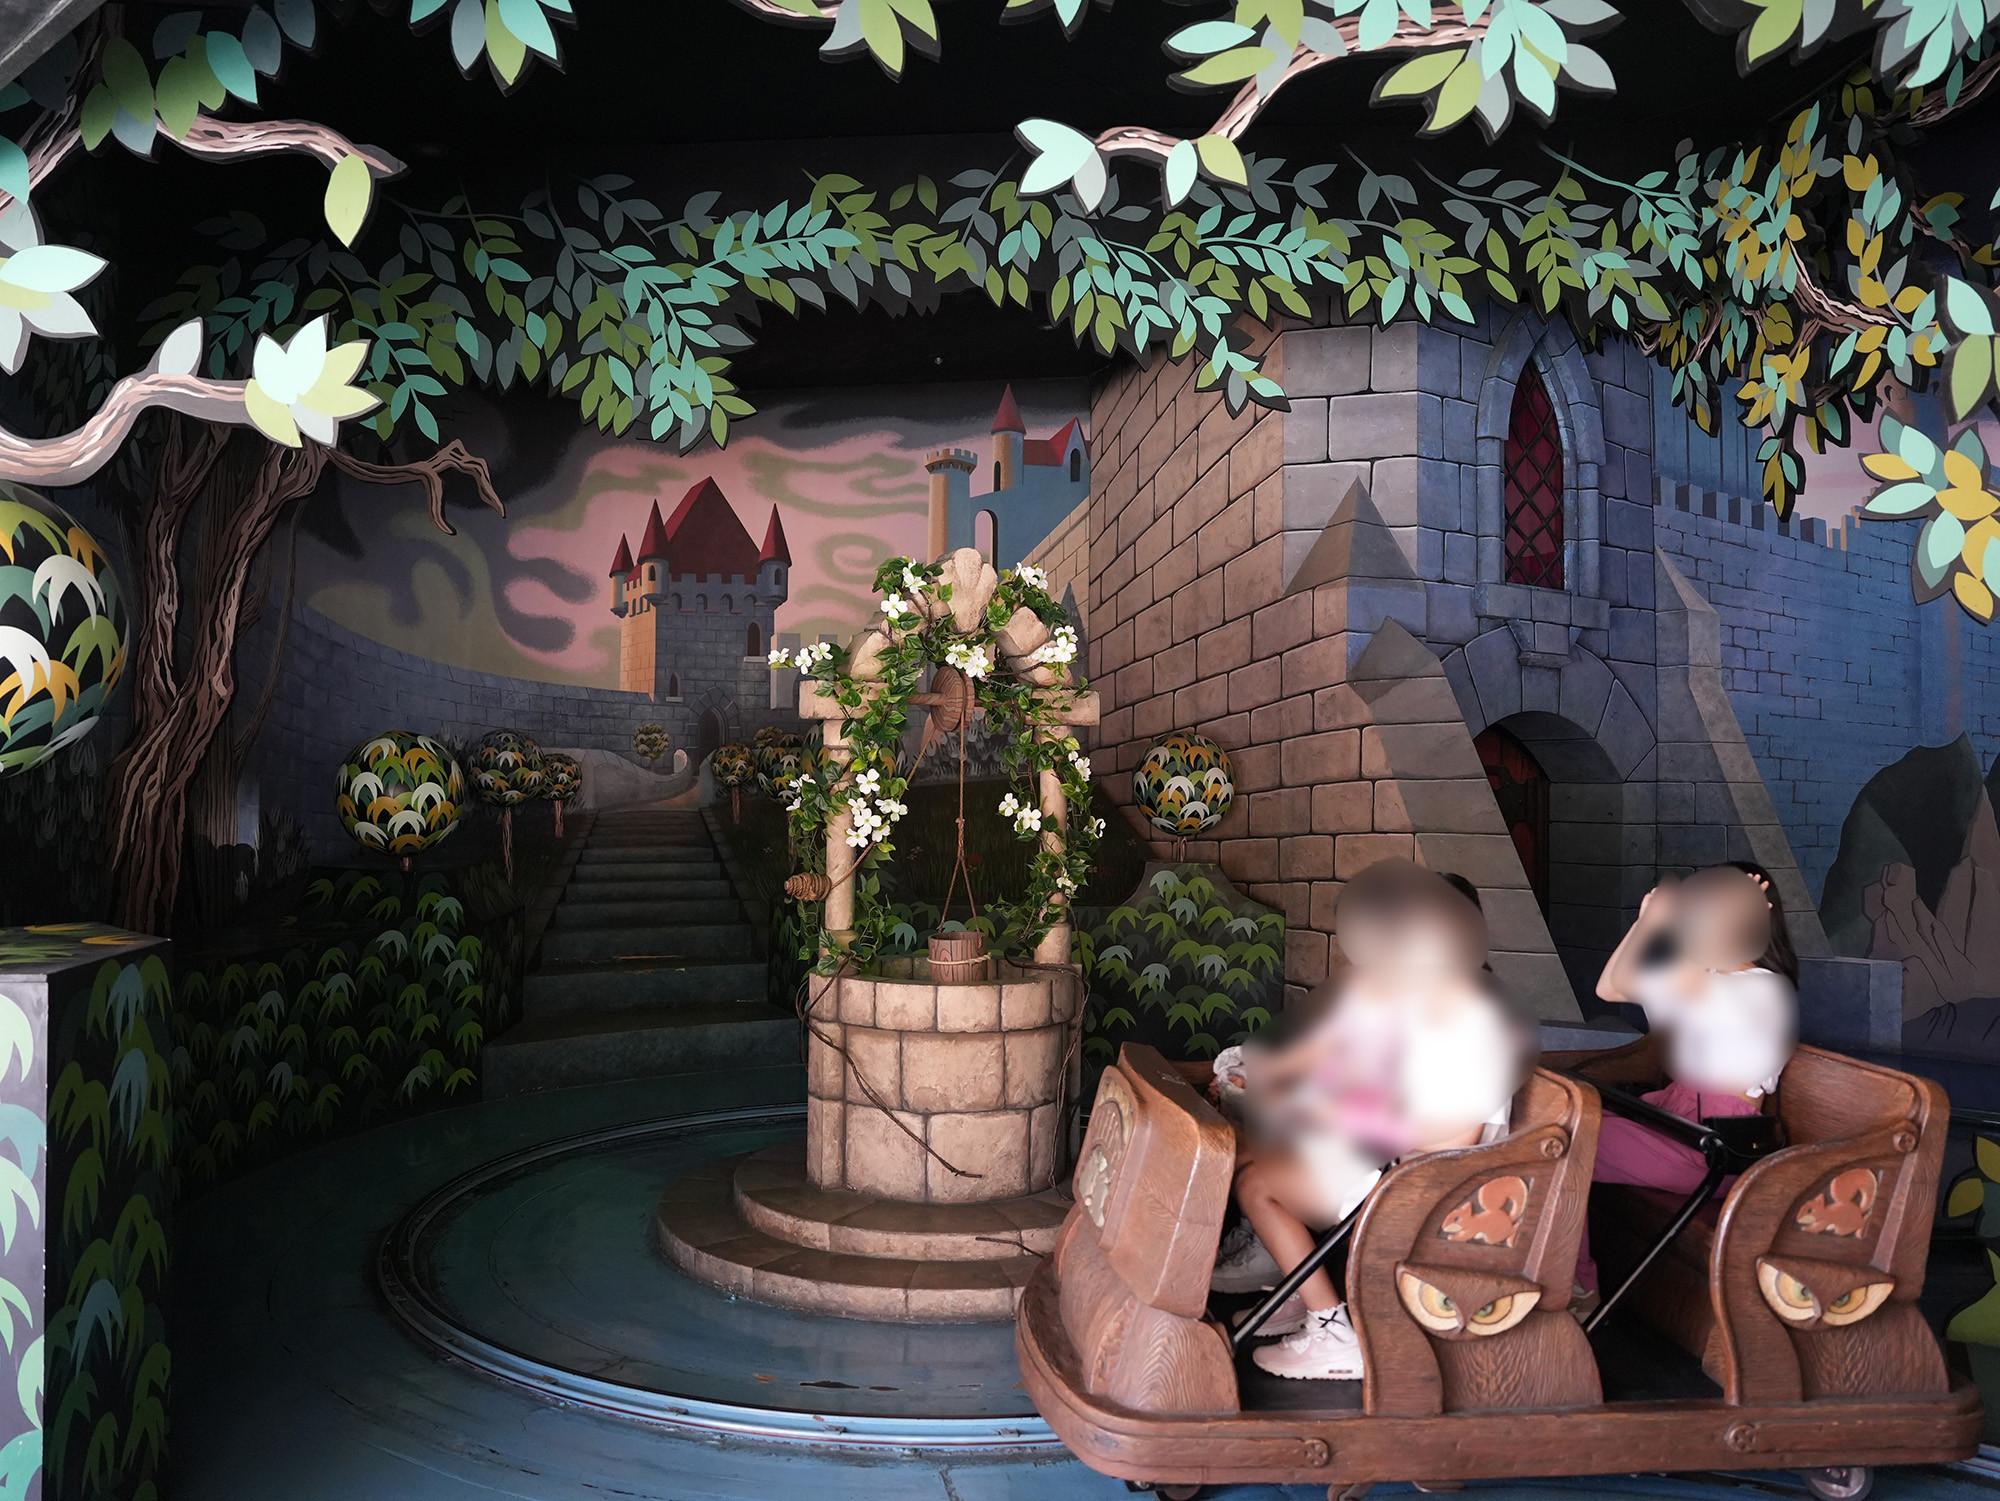 隠れホラーアトラクションで有名な「白雪姫と七人のこびと」